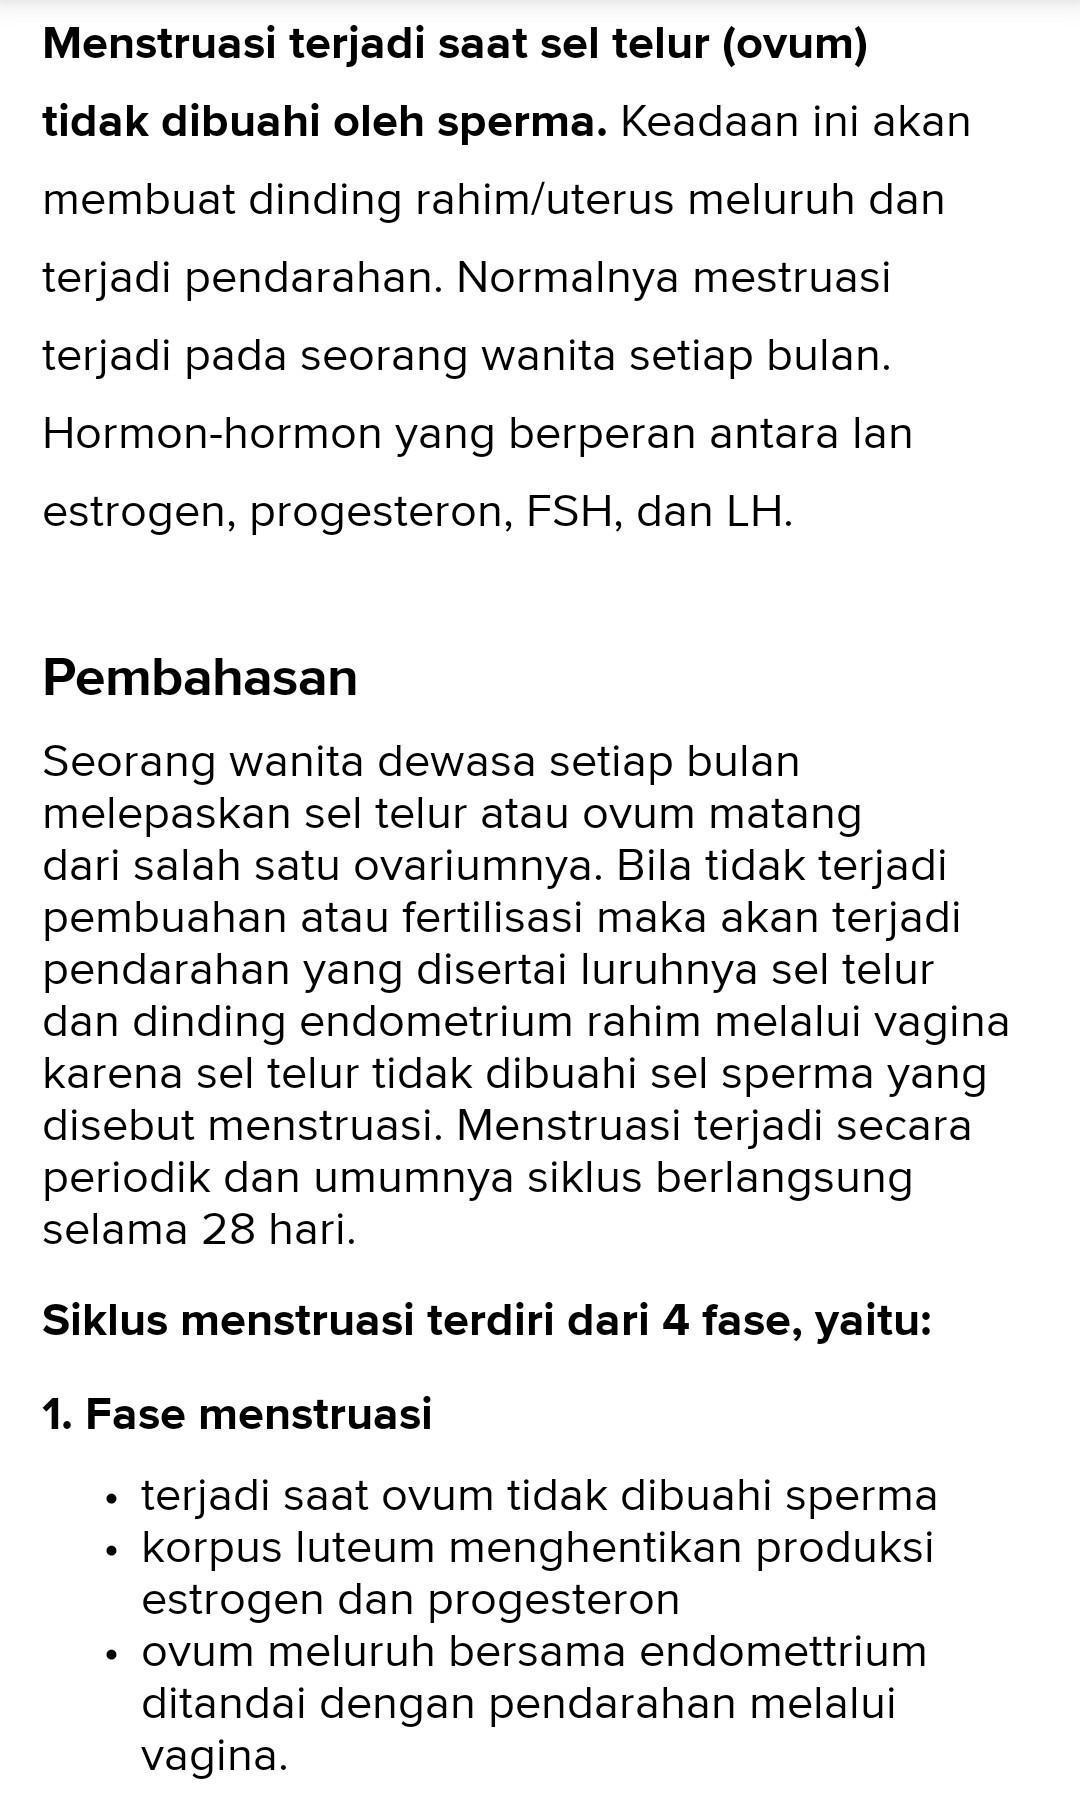 Hormon Yang Berperan Dalam Proses Menstruasi : hormon, berperan, dalam, proses, menstruasi, Jelaskan, Proses, Terjadinya, Menstruasi, Hormon, Berperan....!, Brainly.co.id